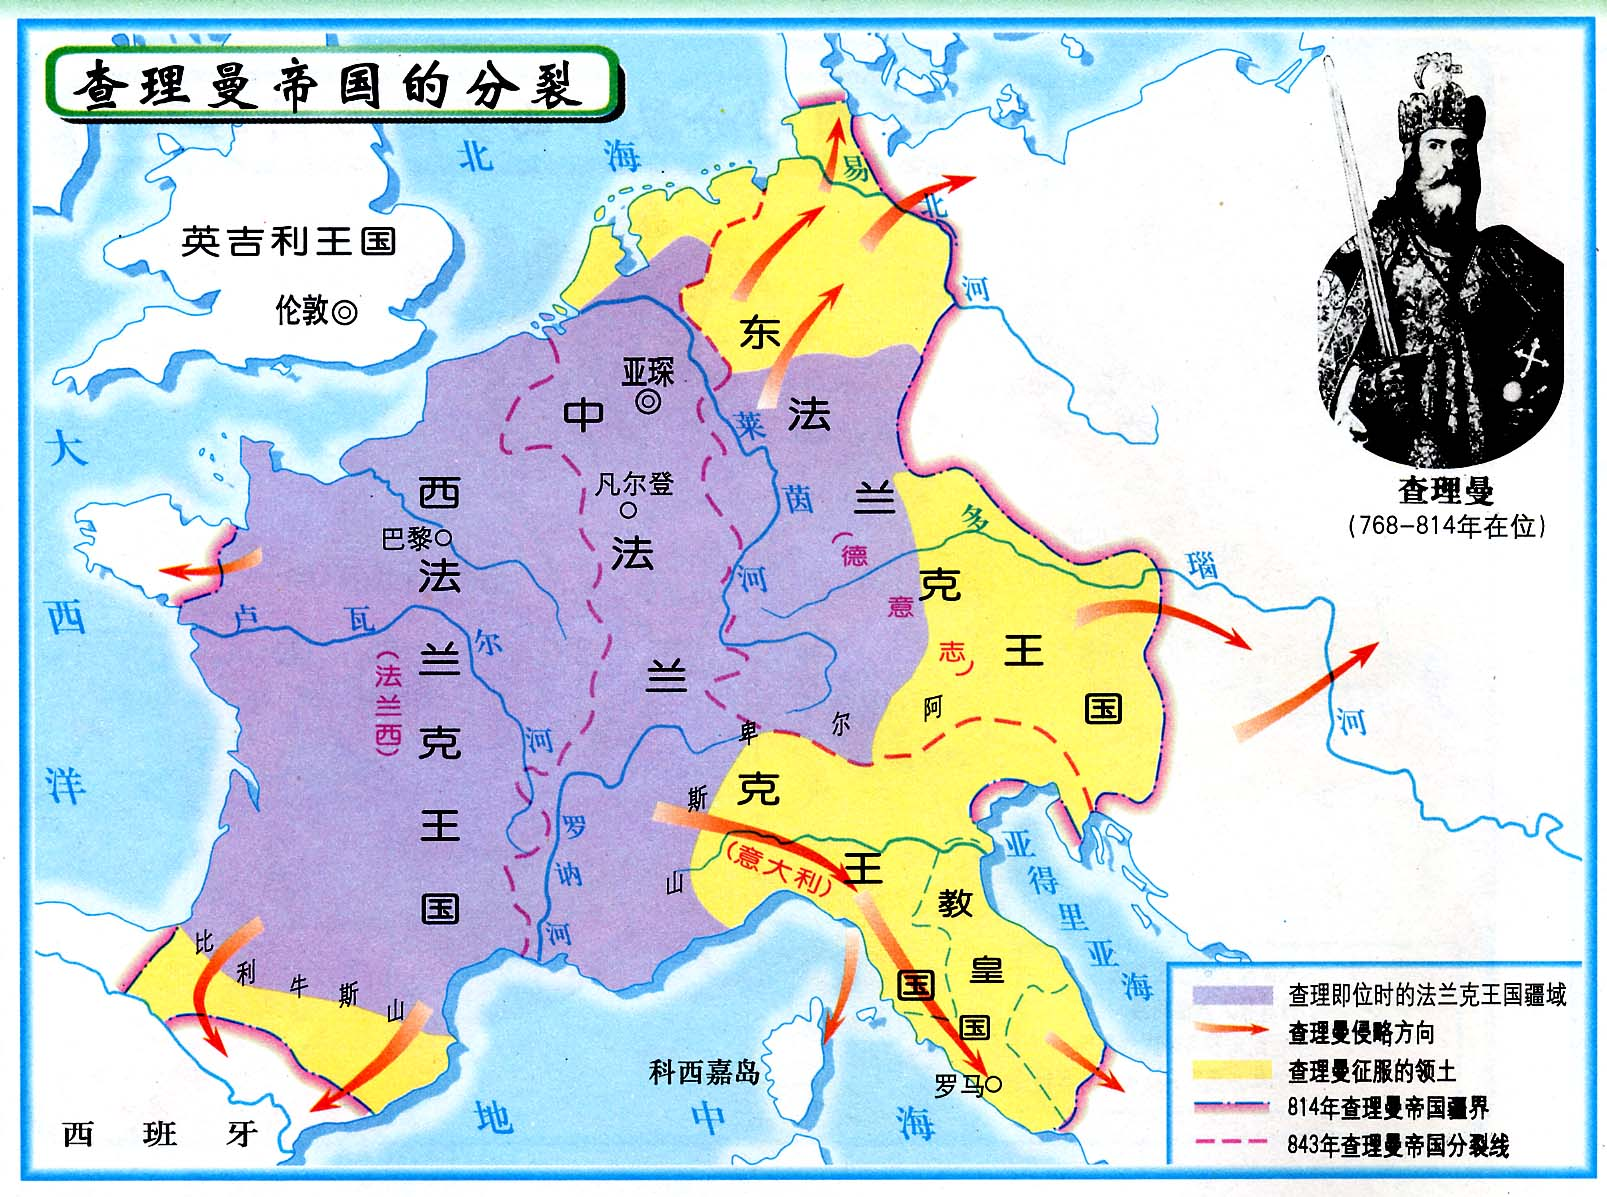 遊記140624 中歐扮文化奧捷之旅 (1) 掌門天地 - ZKIZ Archives